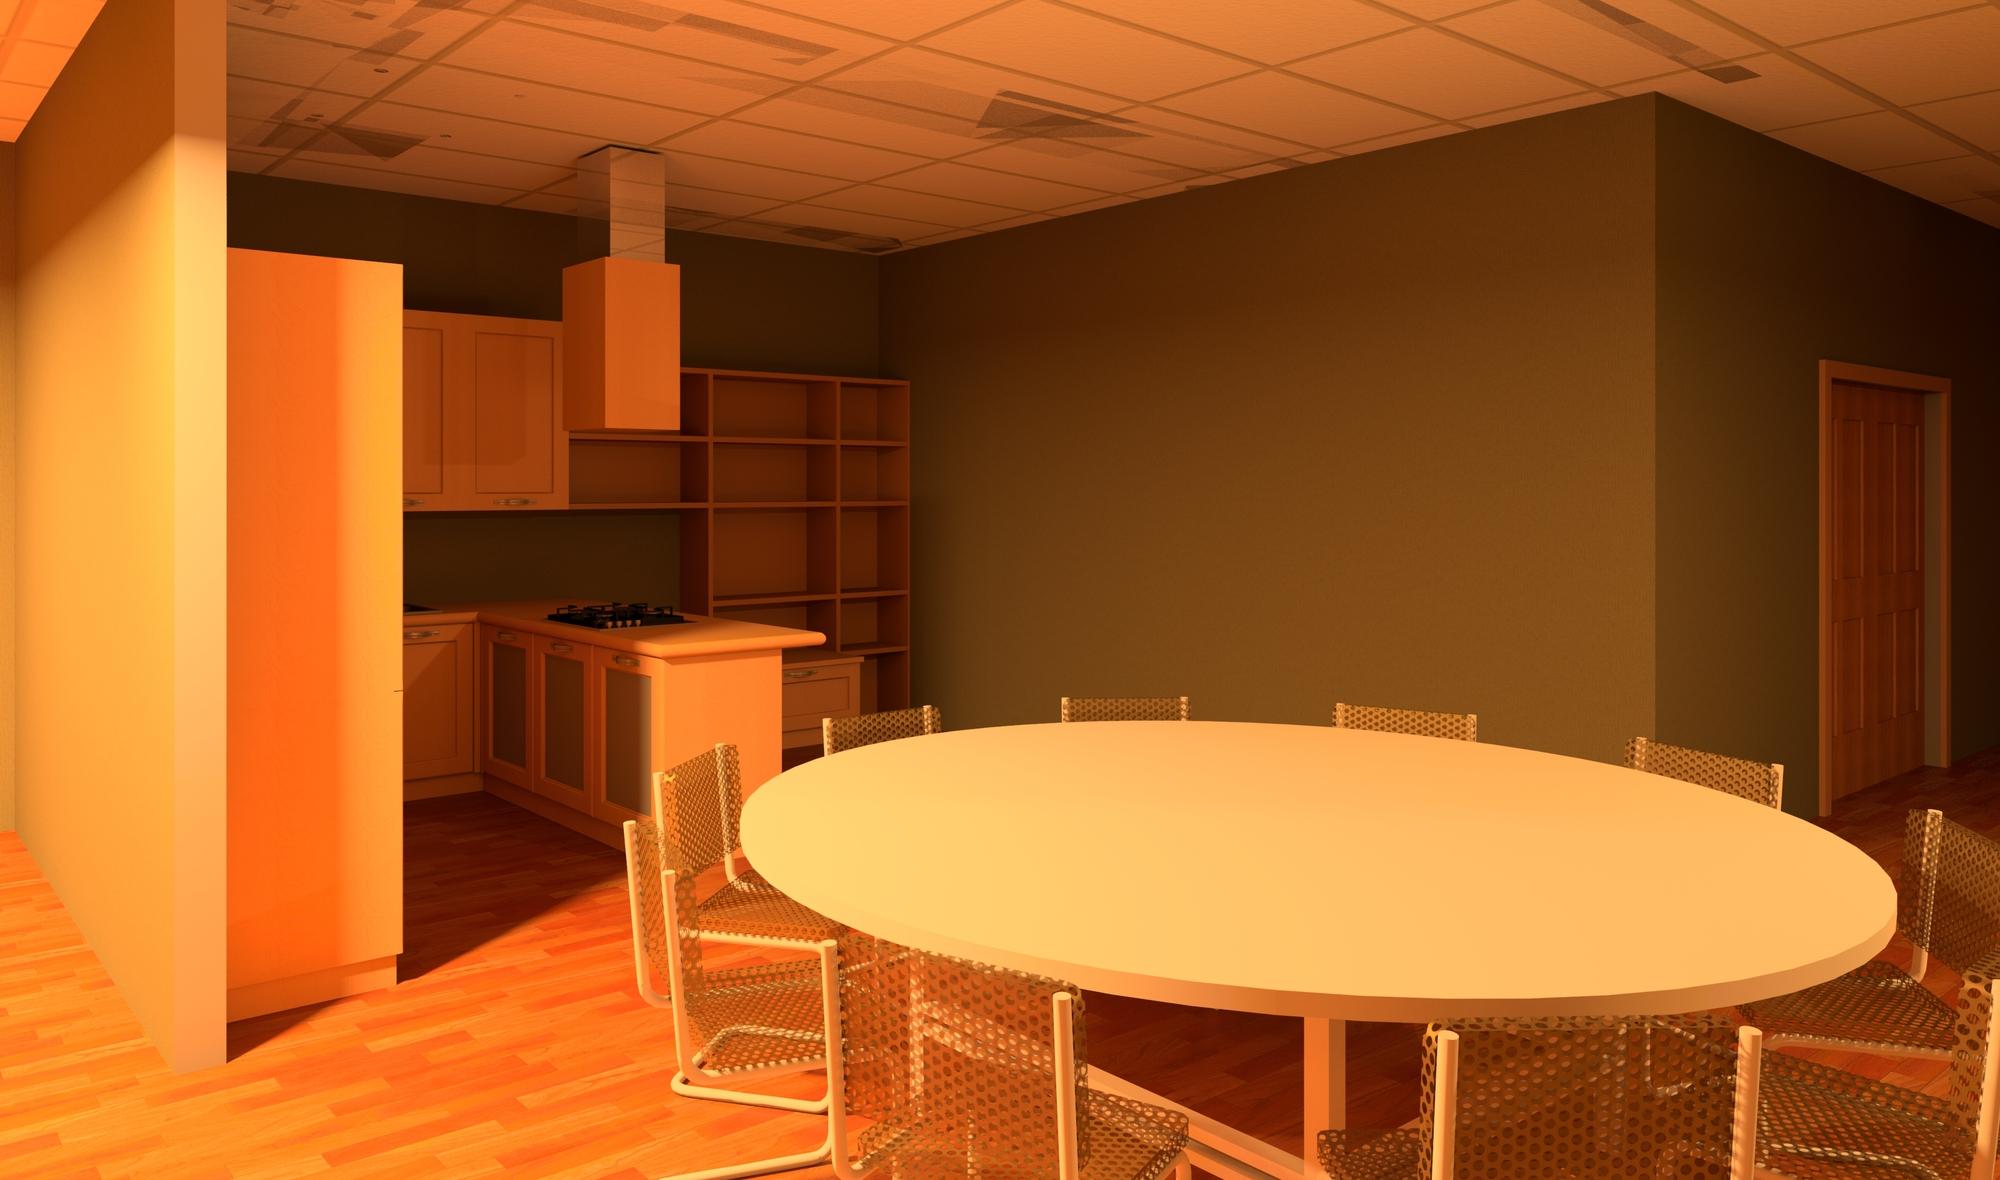 Raas-rendering20140930-5011-12sbxwx